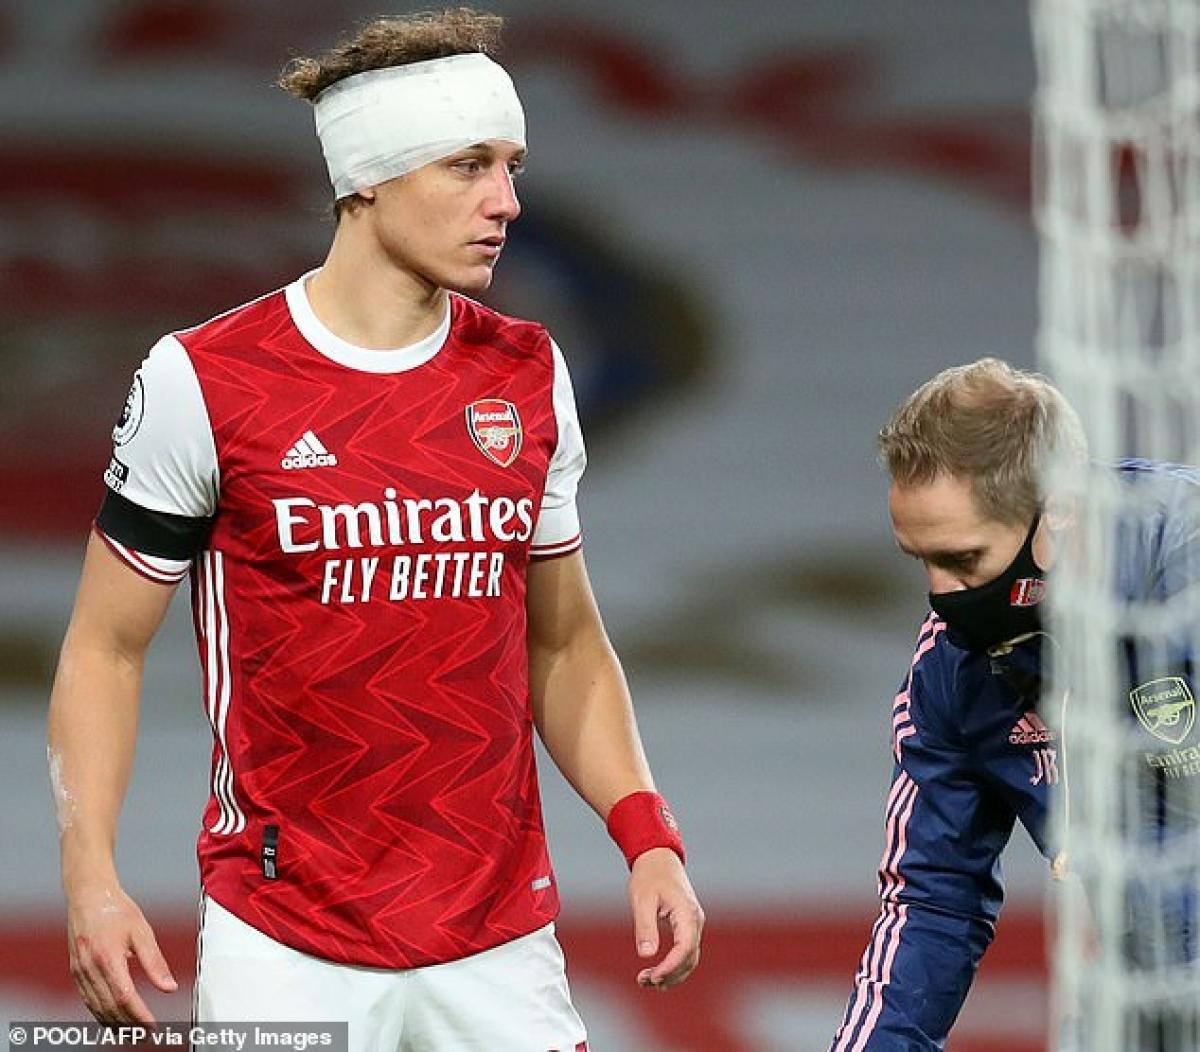 Trung vệ Arsenal tiếp tục thi đấu hết hiệp 1 với chiếc băng trên đầu trước khi rời sân nhường chỗ cho Rob Holding sau giờ nghỉ.